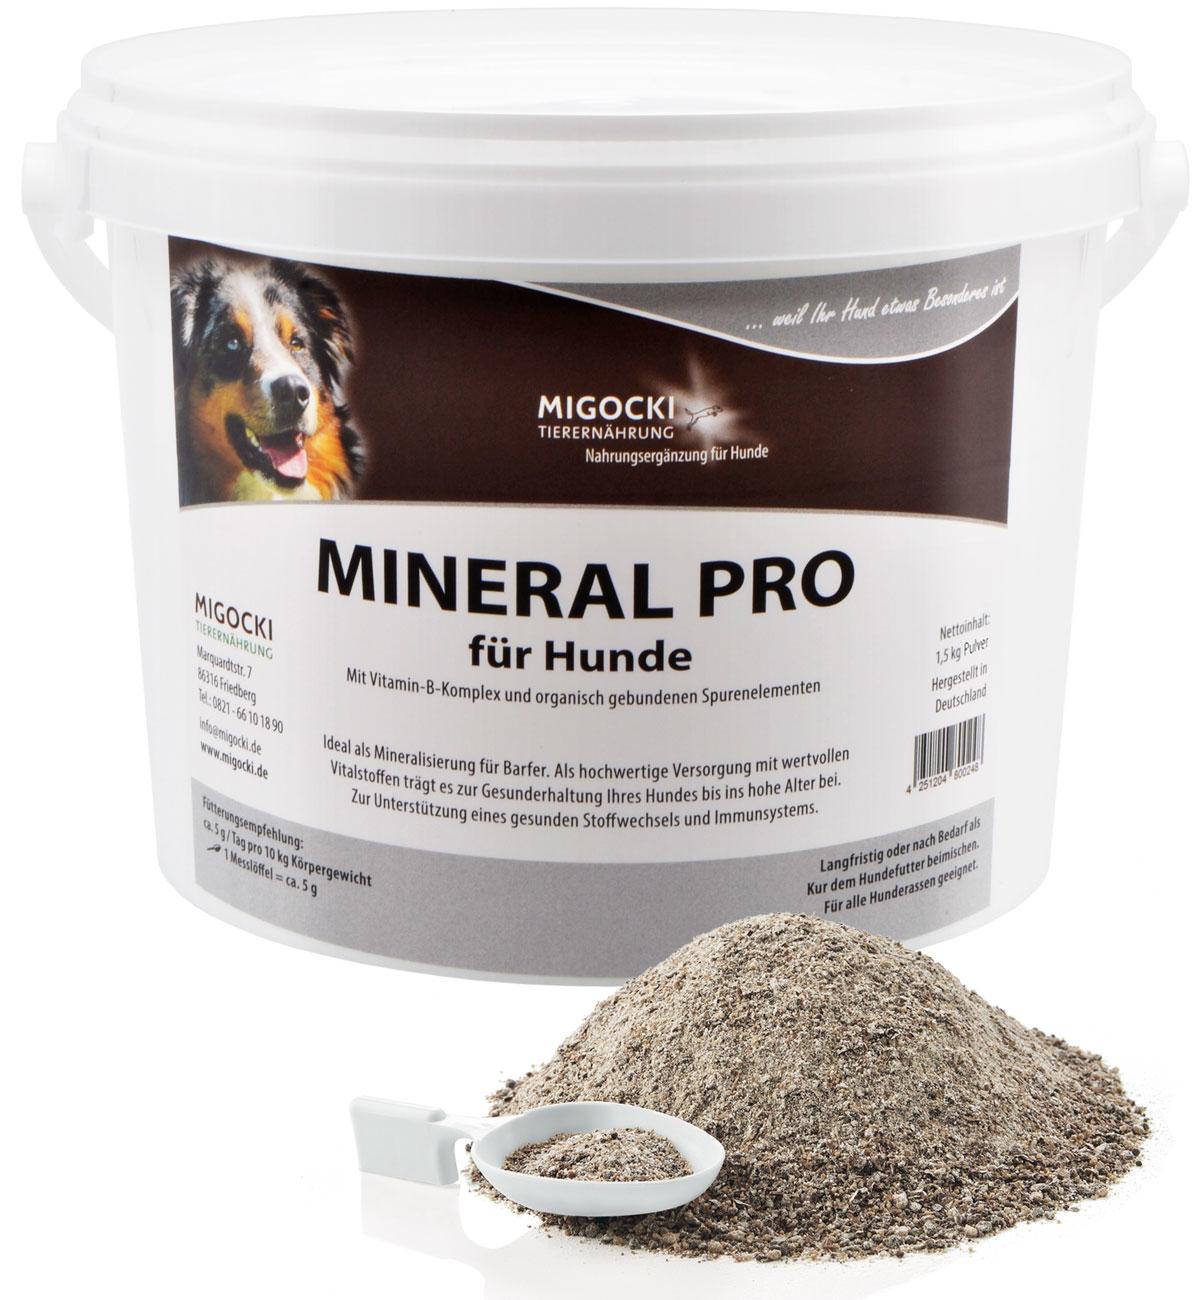 Produkt Mineral Pro für Hunde mit Zink pulver